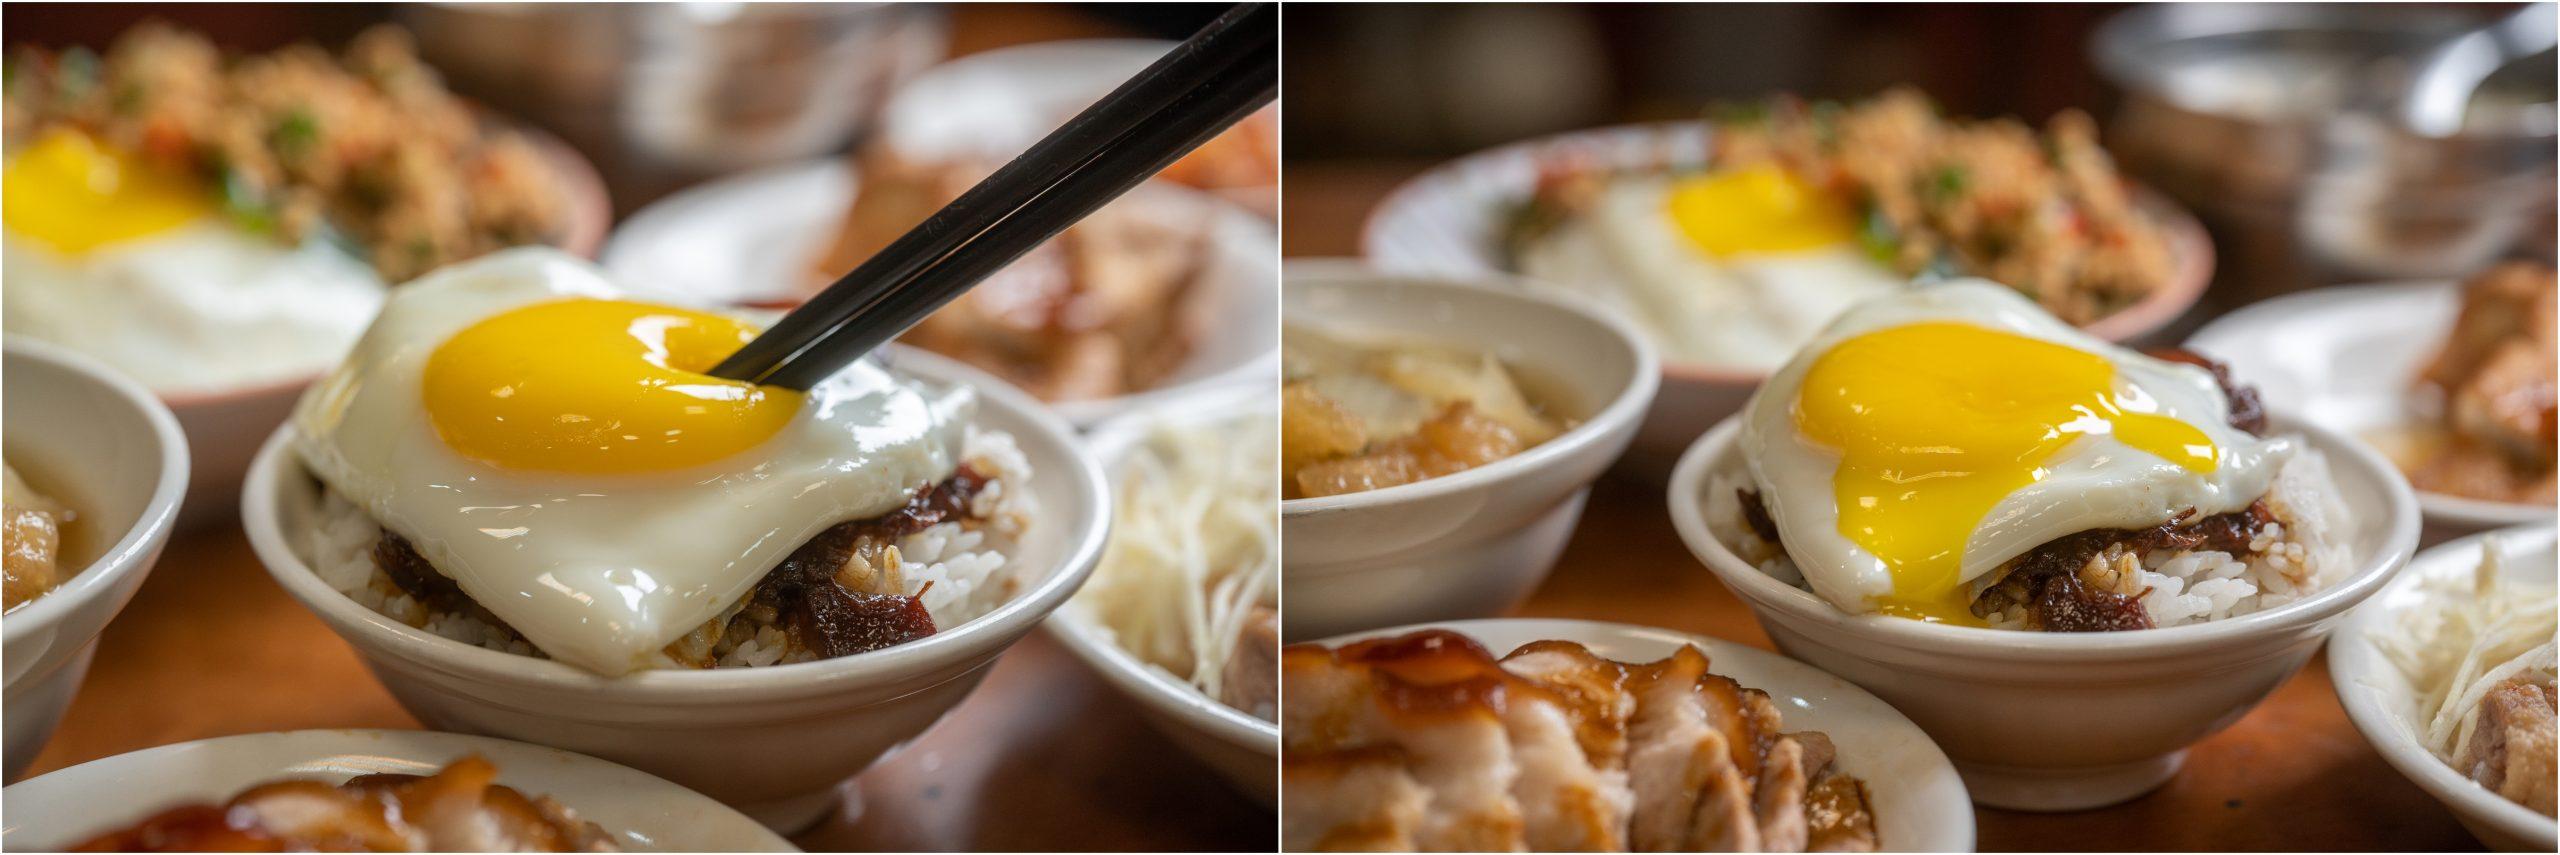 新竹東門散策|禾日香魯肉飯,來禾日香沒吃碗超人氣太陽飯等於沒來過!必點黑白切搭鯊魚羹